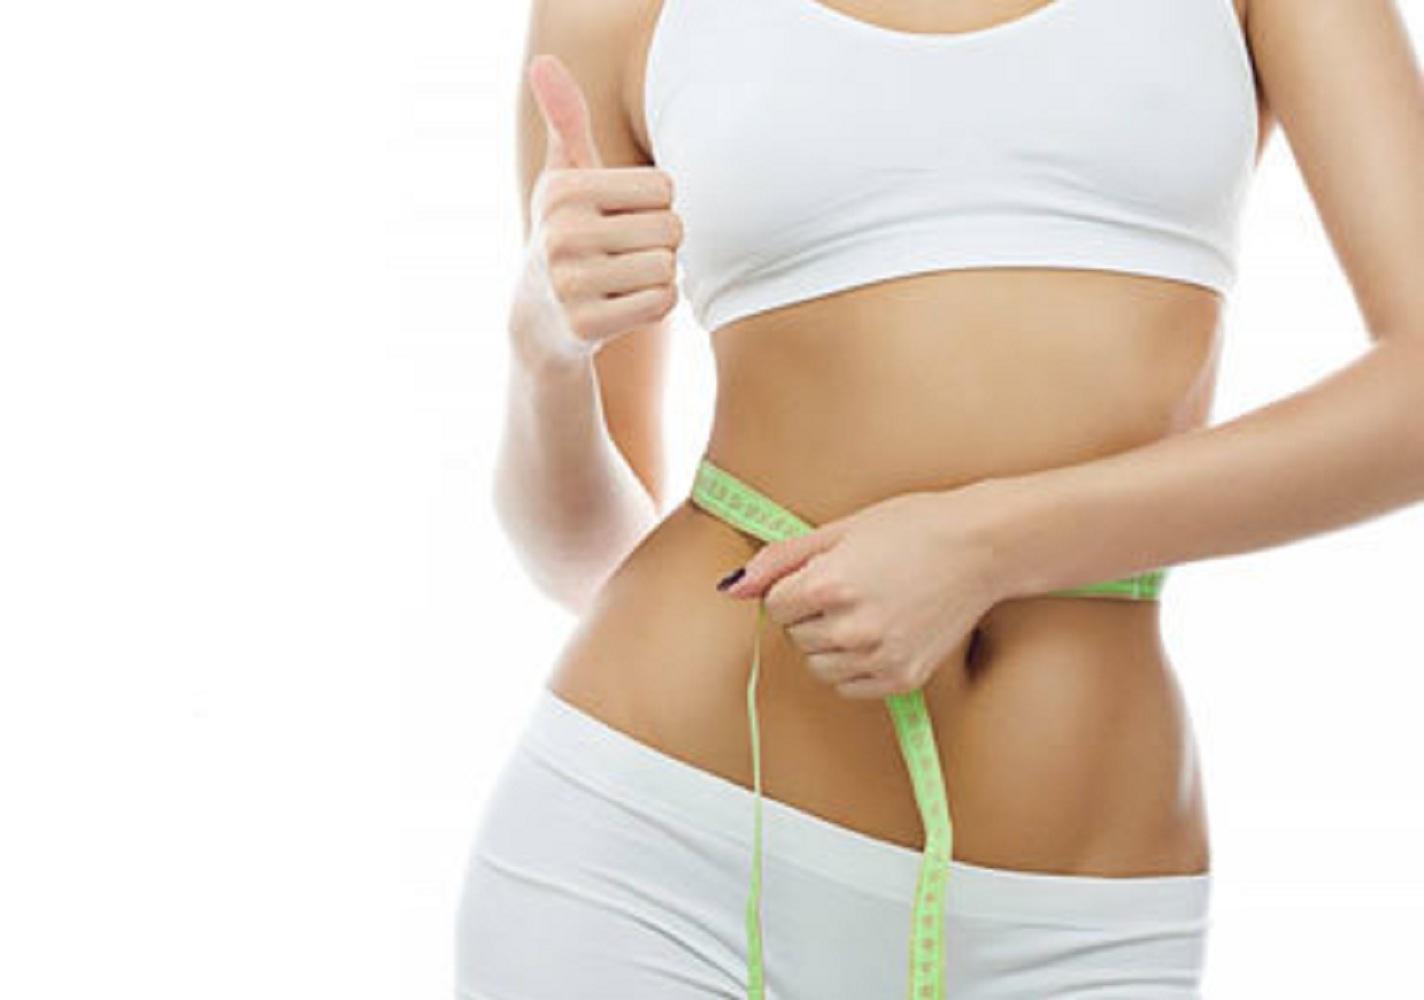 nitro tech ajută la pierderea în greutate Pierdere în greutate de 6 kg în 3 săptămâni